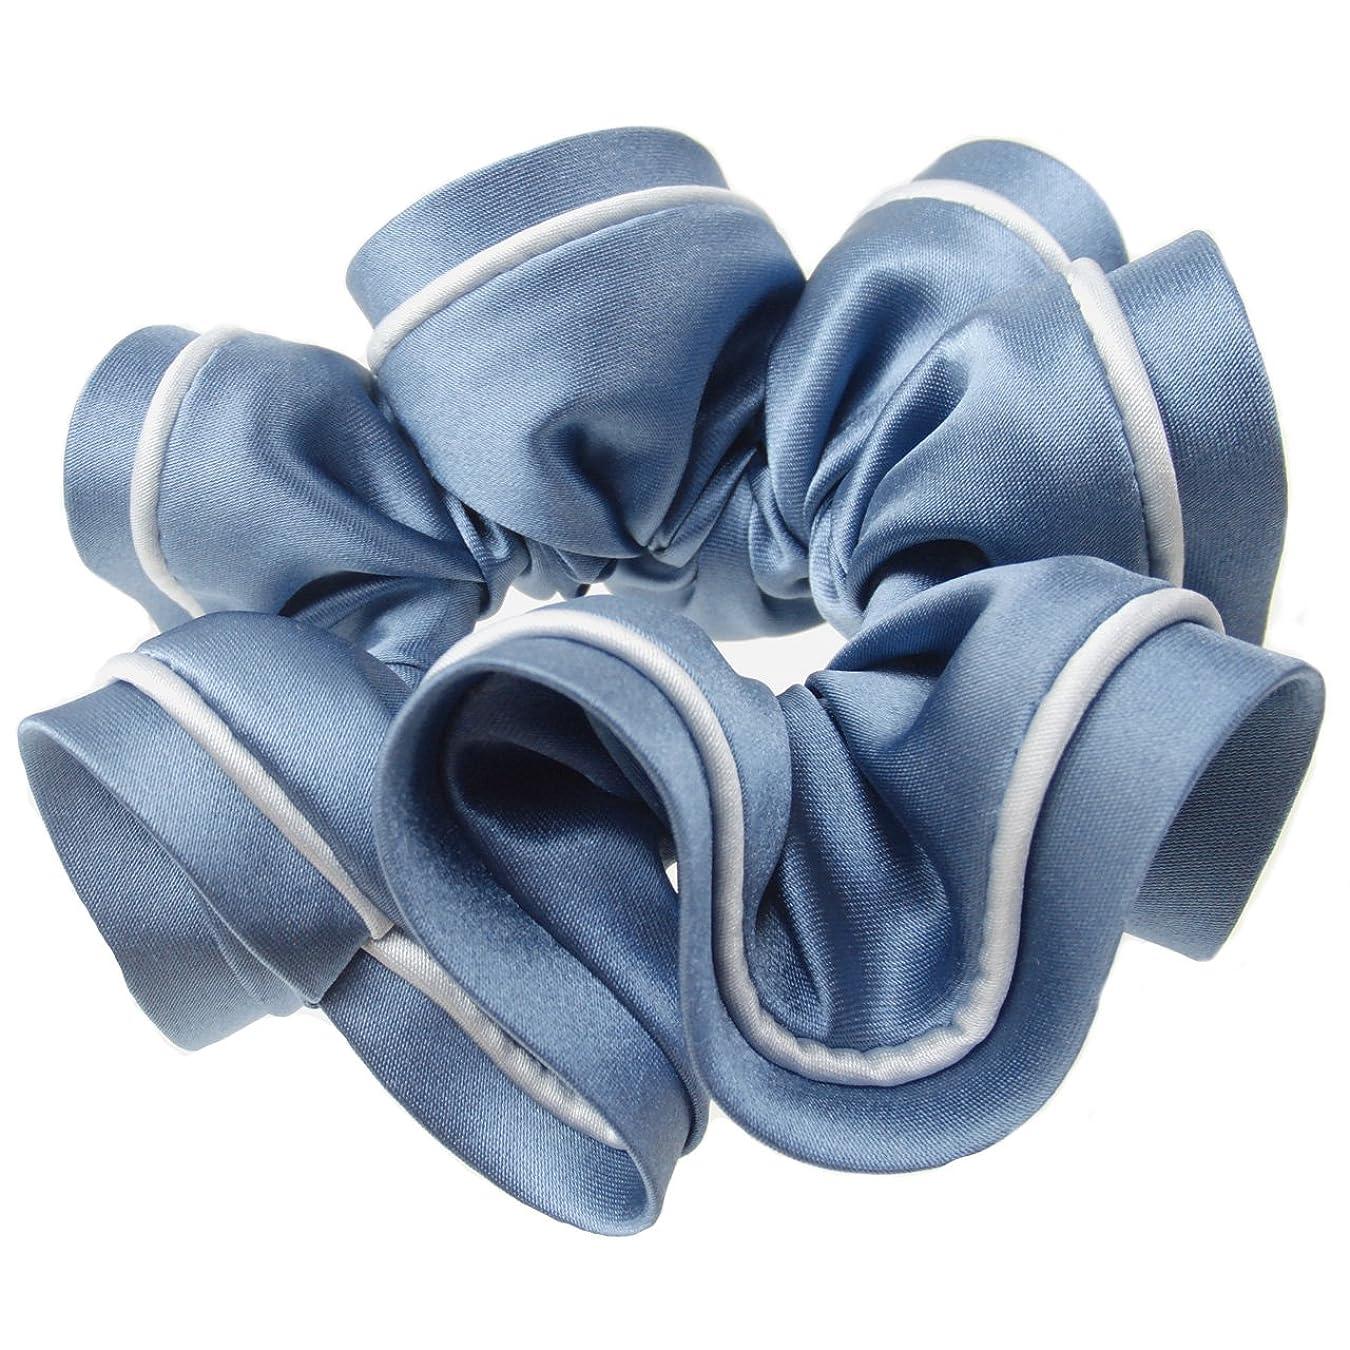 予報オレンジ工業化するhaglm557nnnbl ヘアアクセサリー 髪飾り (リトルムーン) 【シュシュ】 エレノア ブルー [ヘアアクセサリー [ジュエリー]